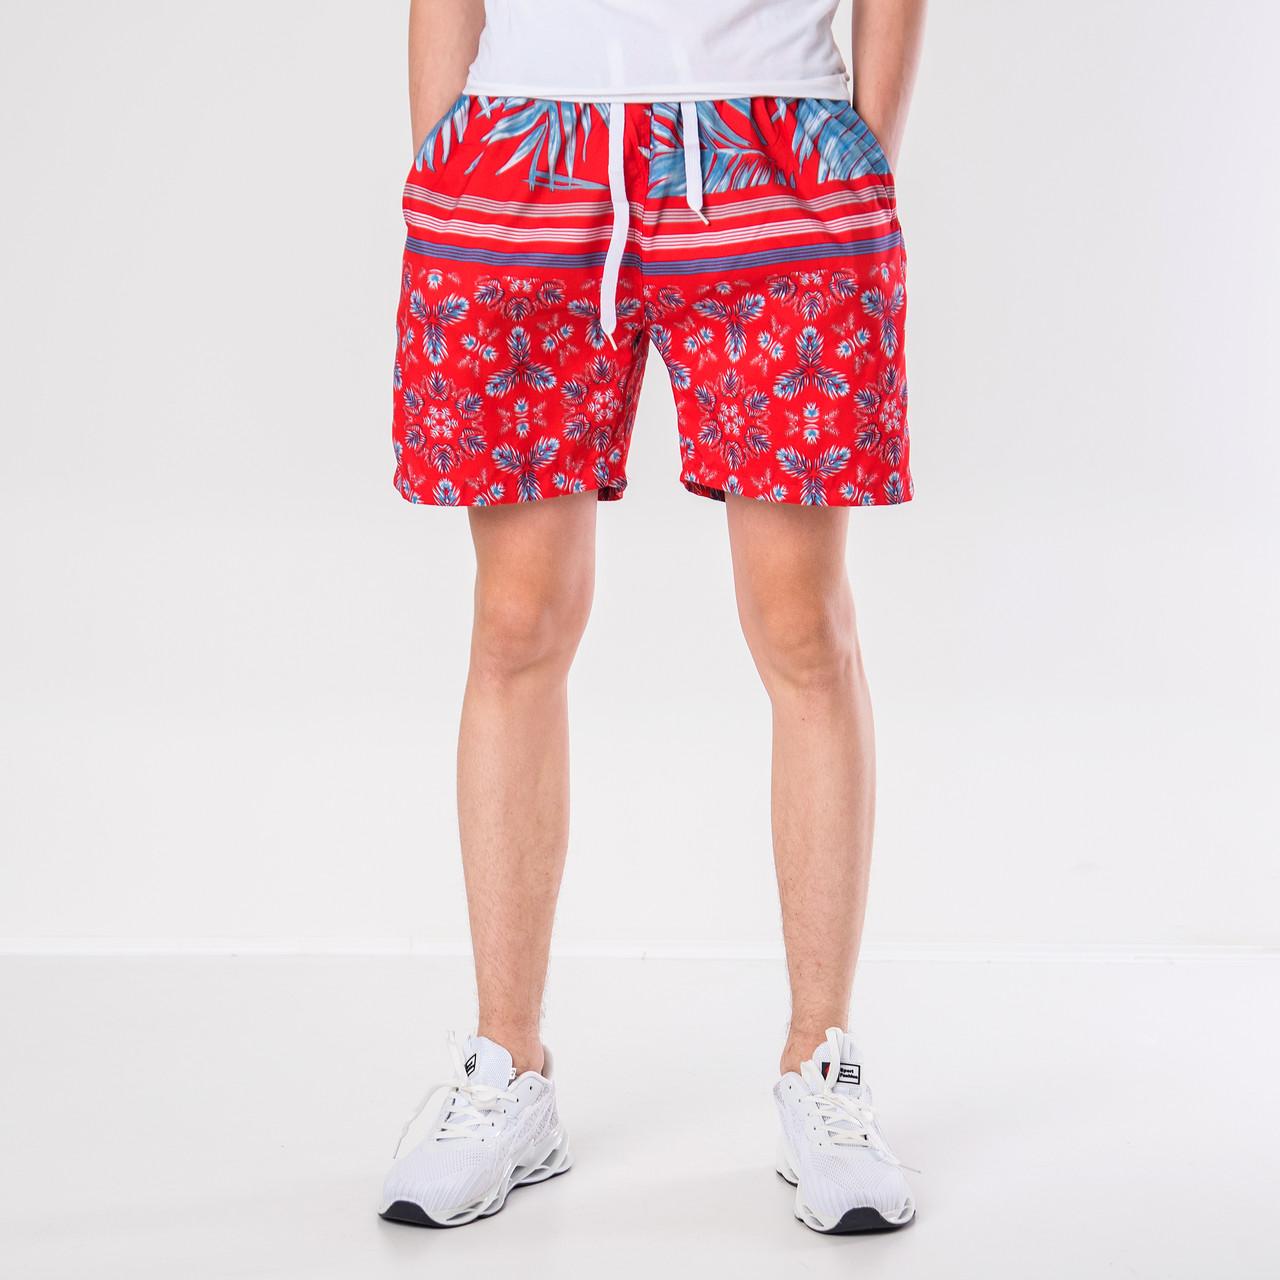 Мужские шорты (плащевка), красного цвета